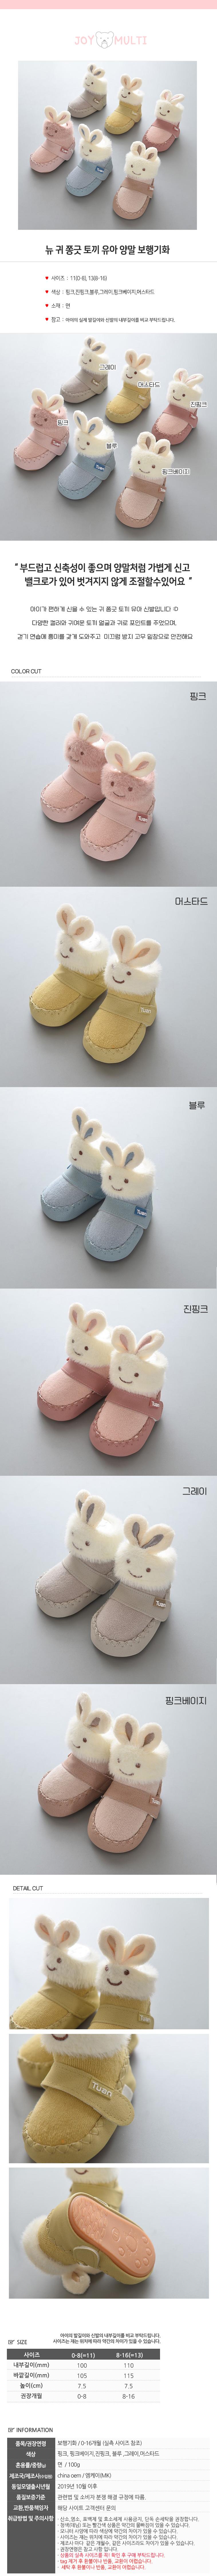 뉴 귀 쫑긋 토끼 유아 양말 보행기화(0-16개월) 203976 - 조이멀티, 10,100원, 신발, 보행기화